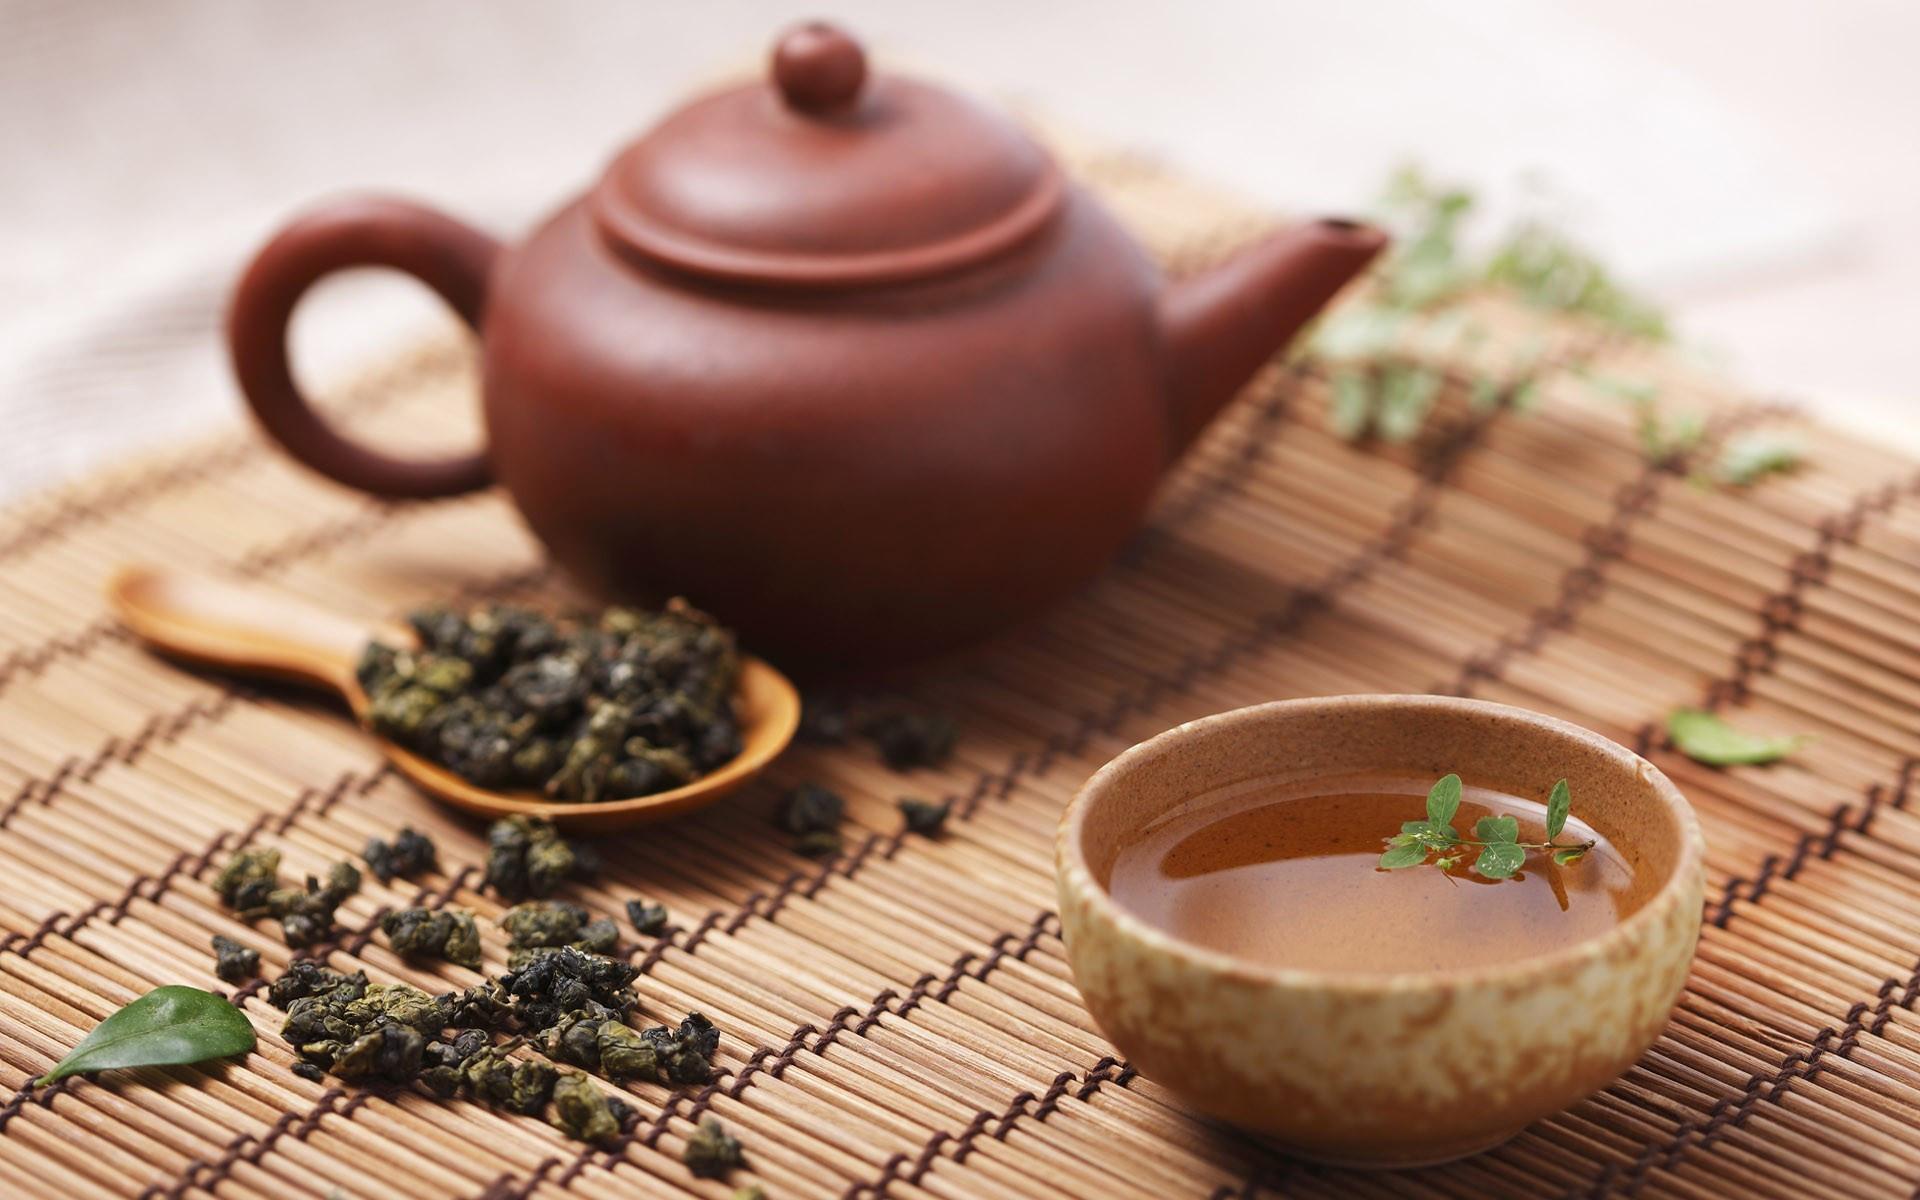 улун чай улун фото